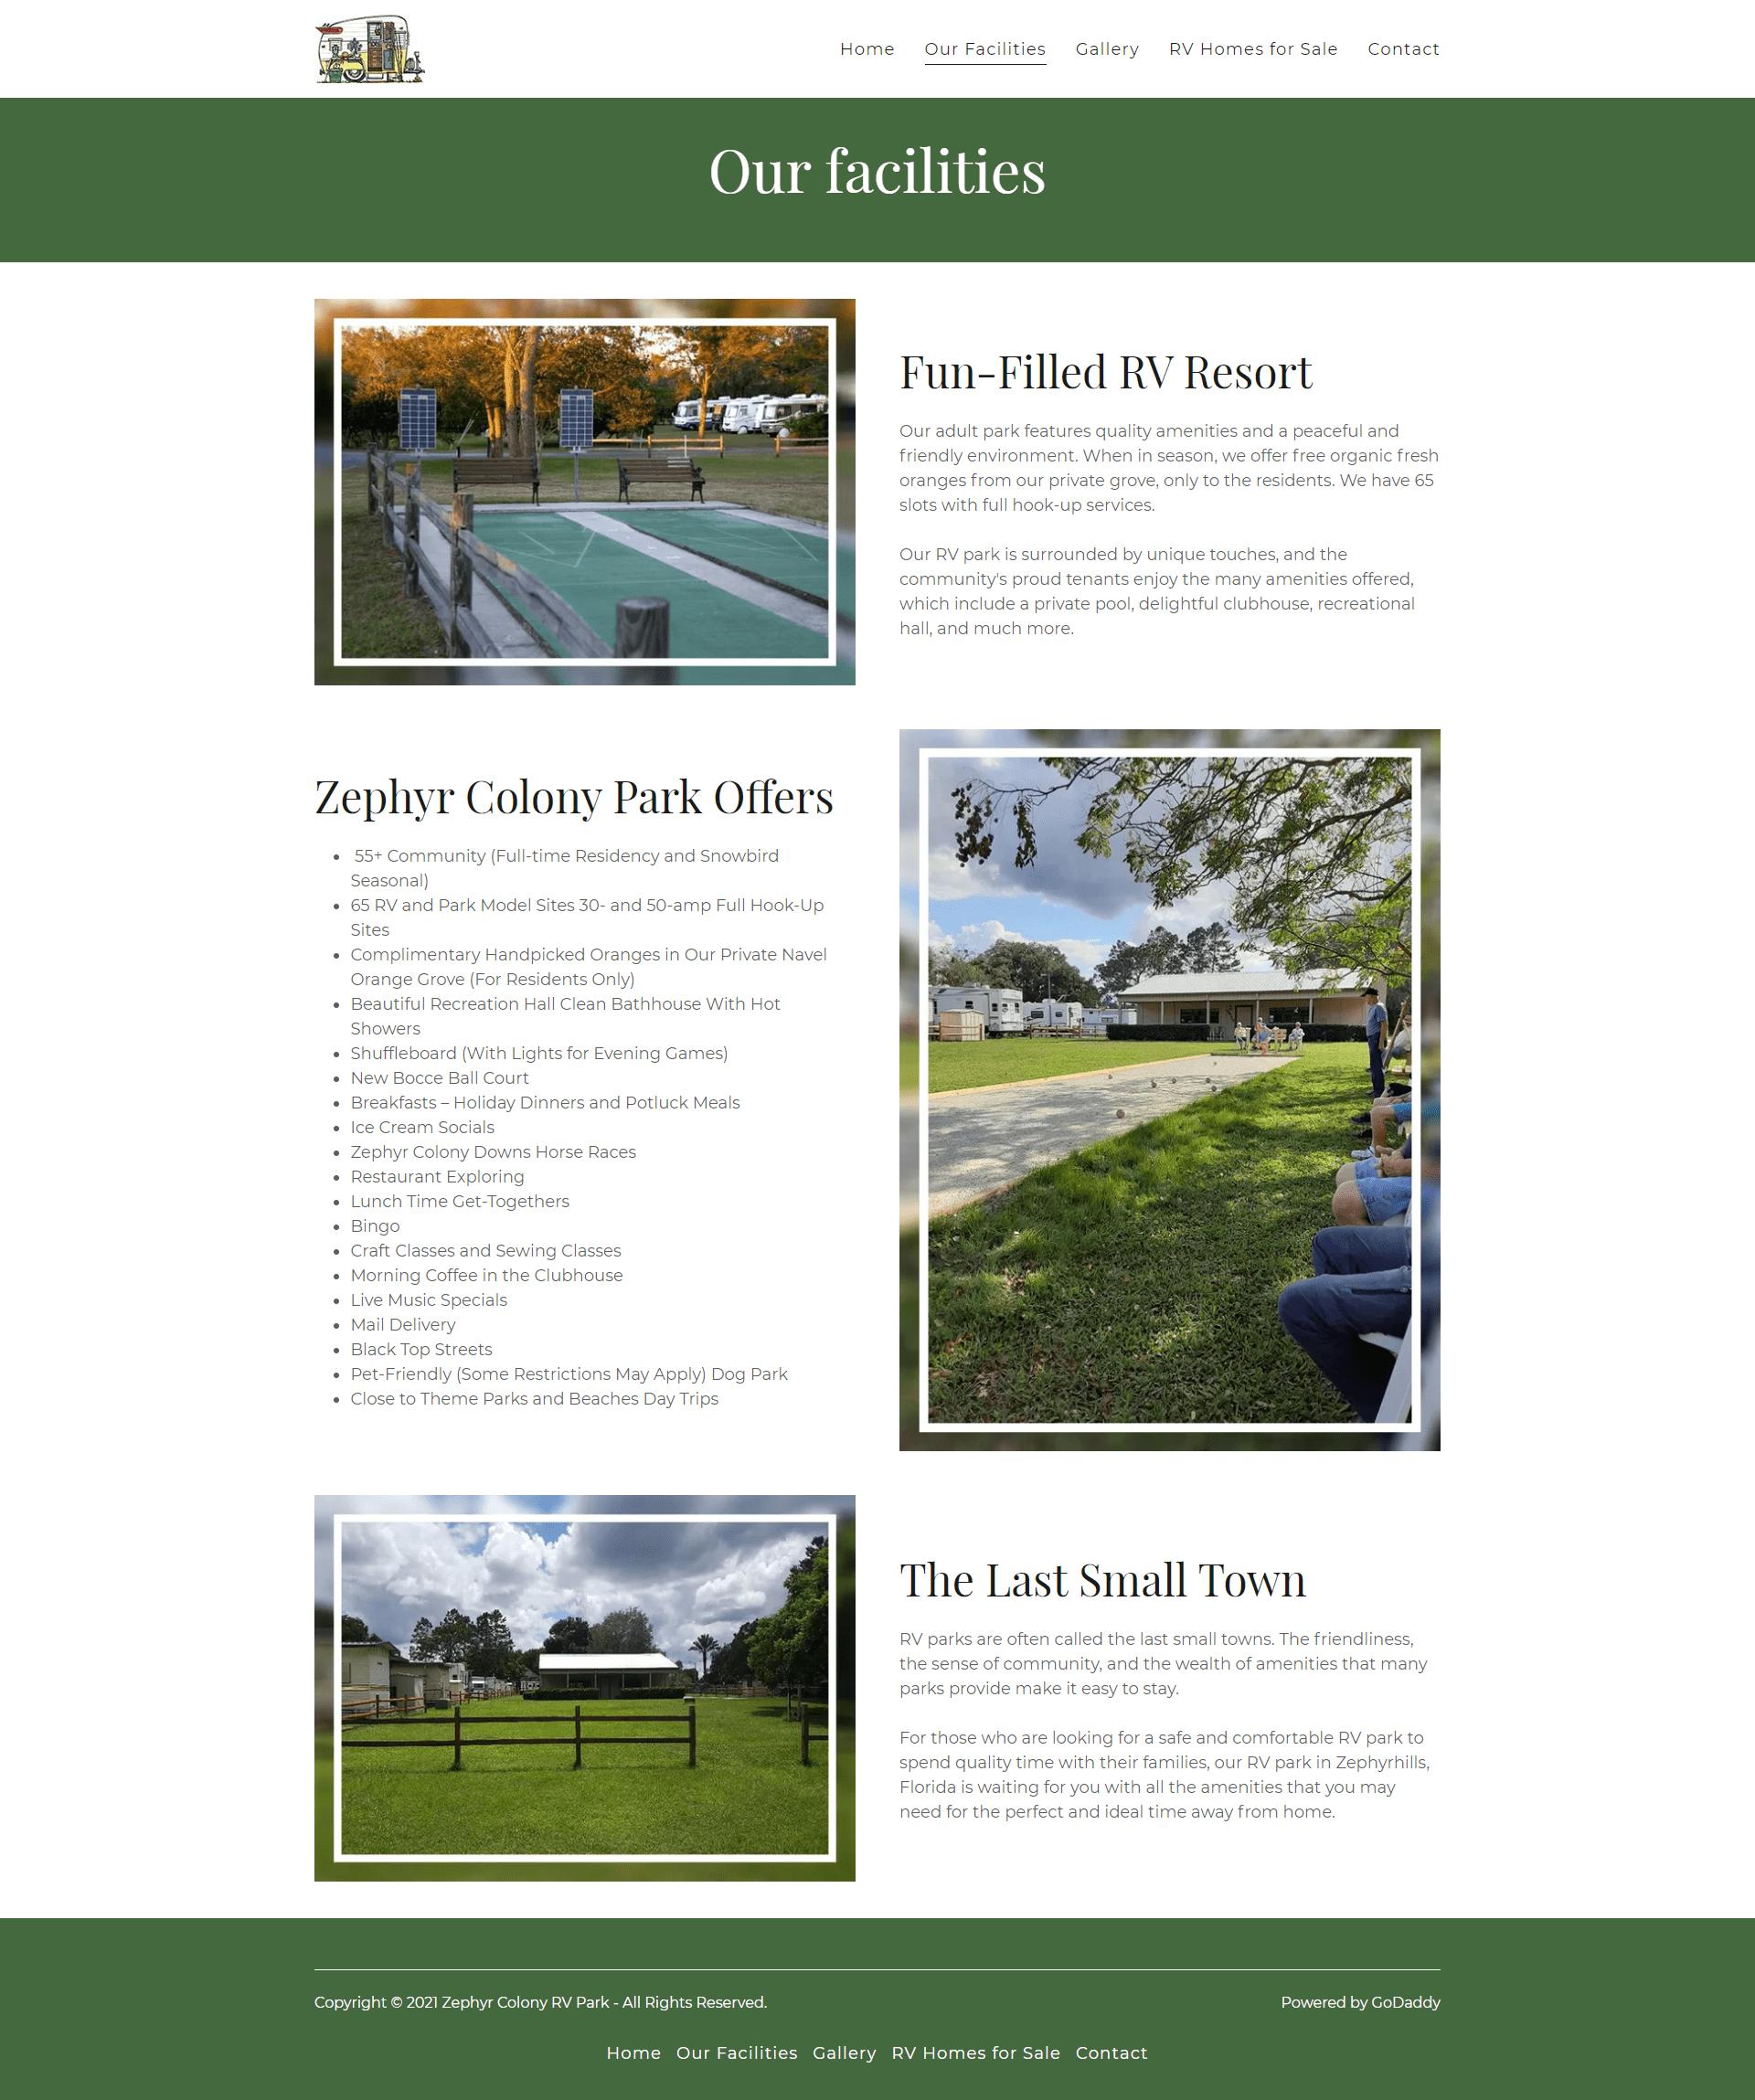 Zephyr Colony RV Park Facilities page